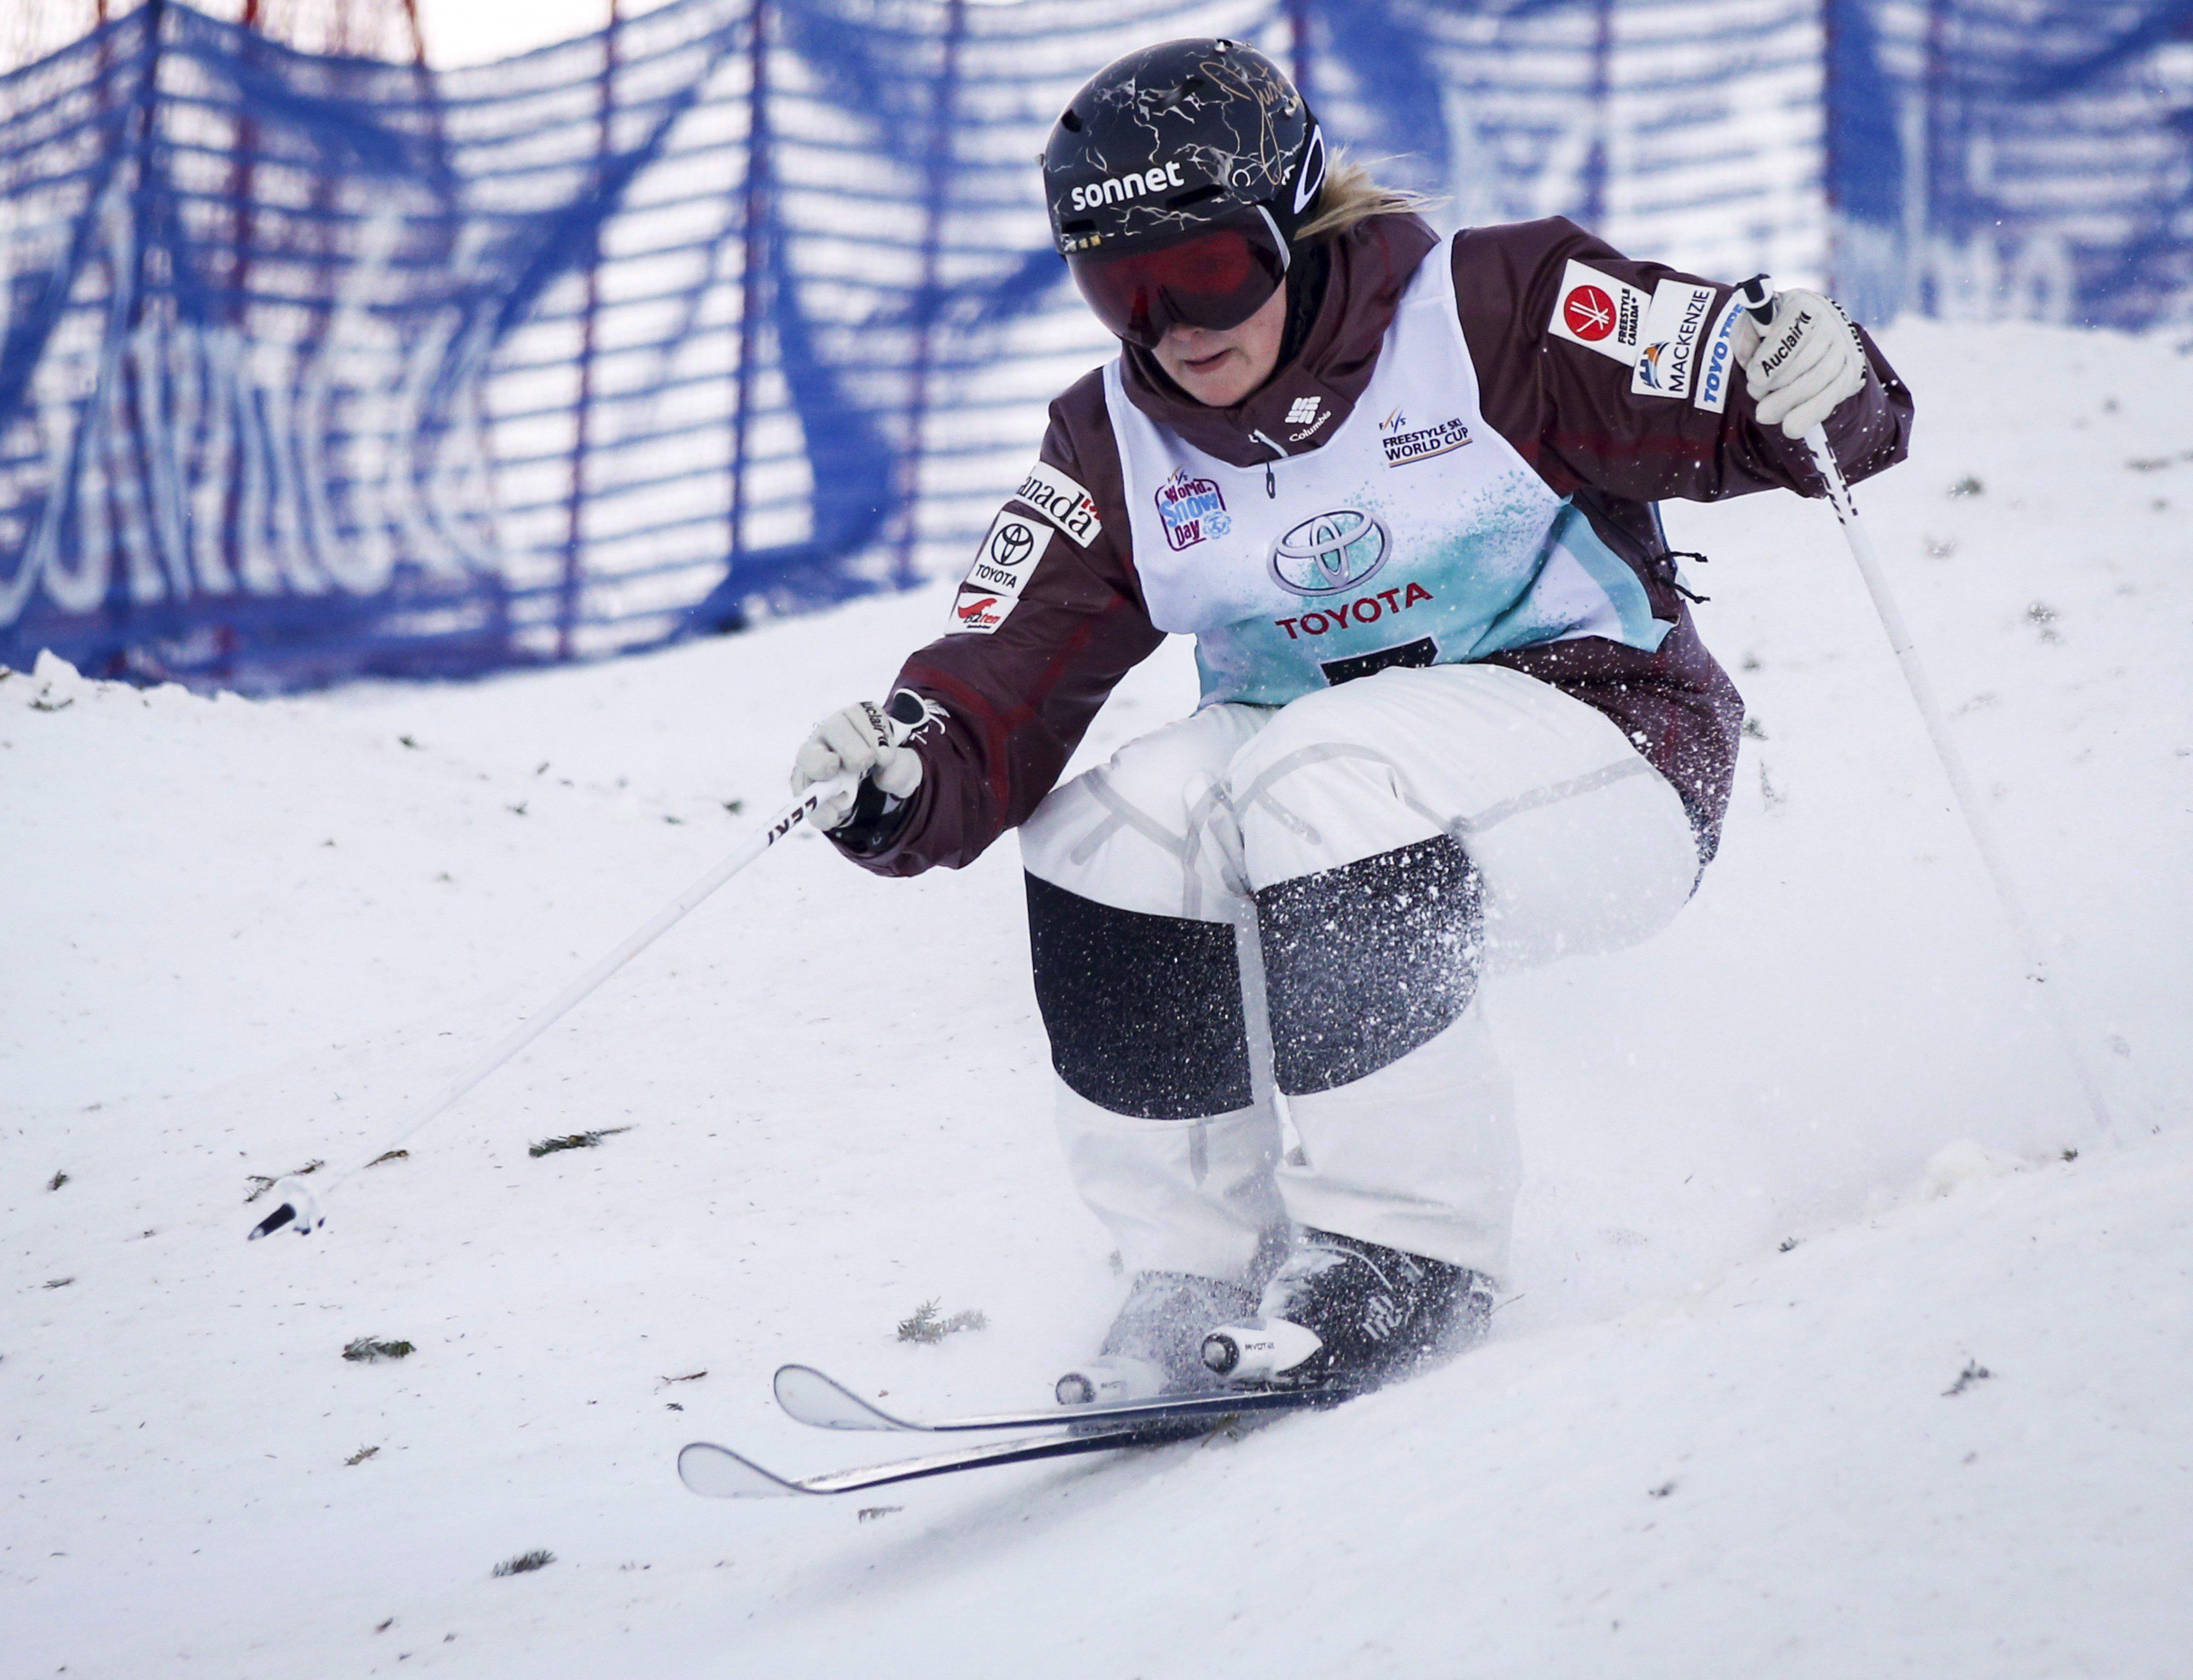 Team Canada - Justine Dufour-Lapointe